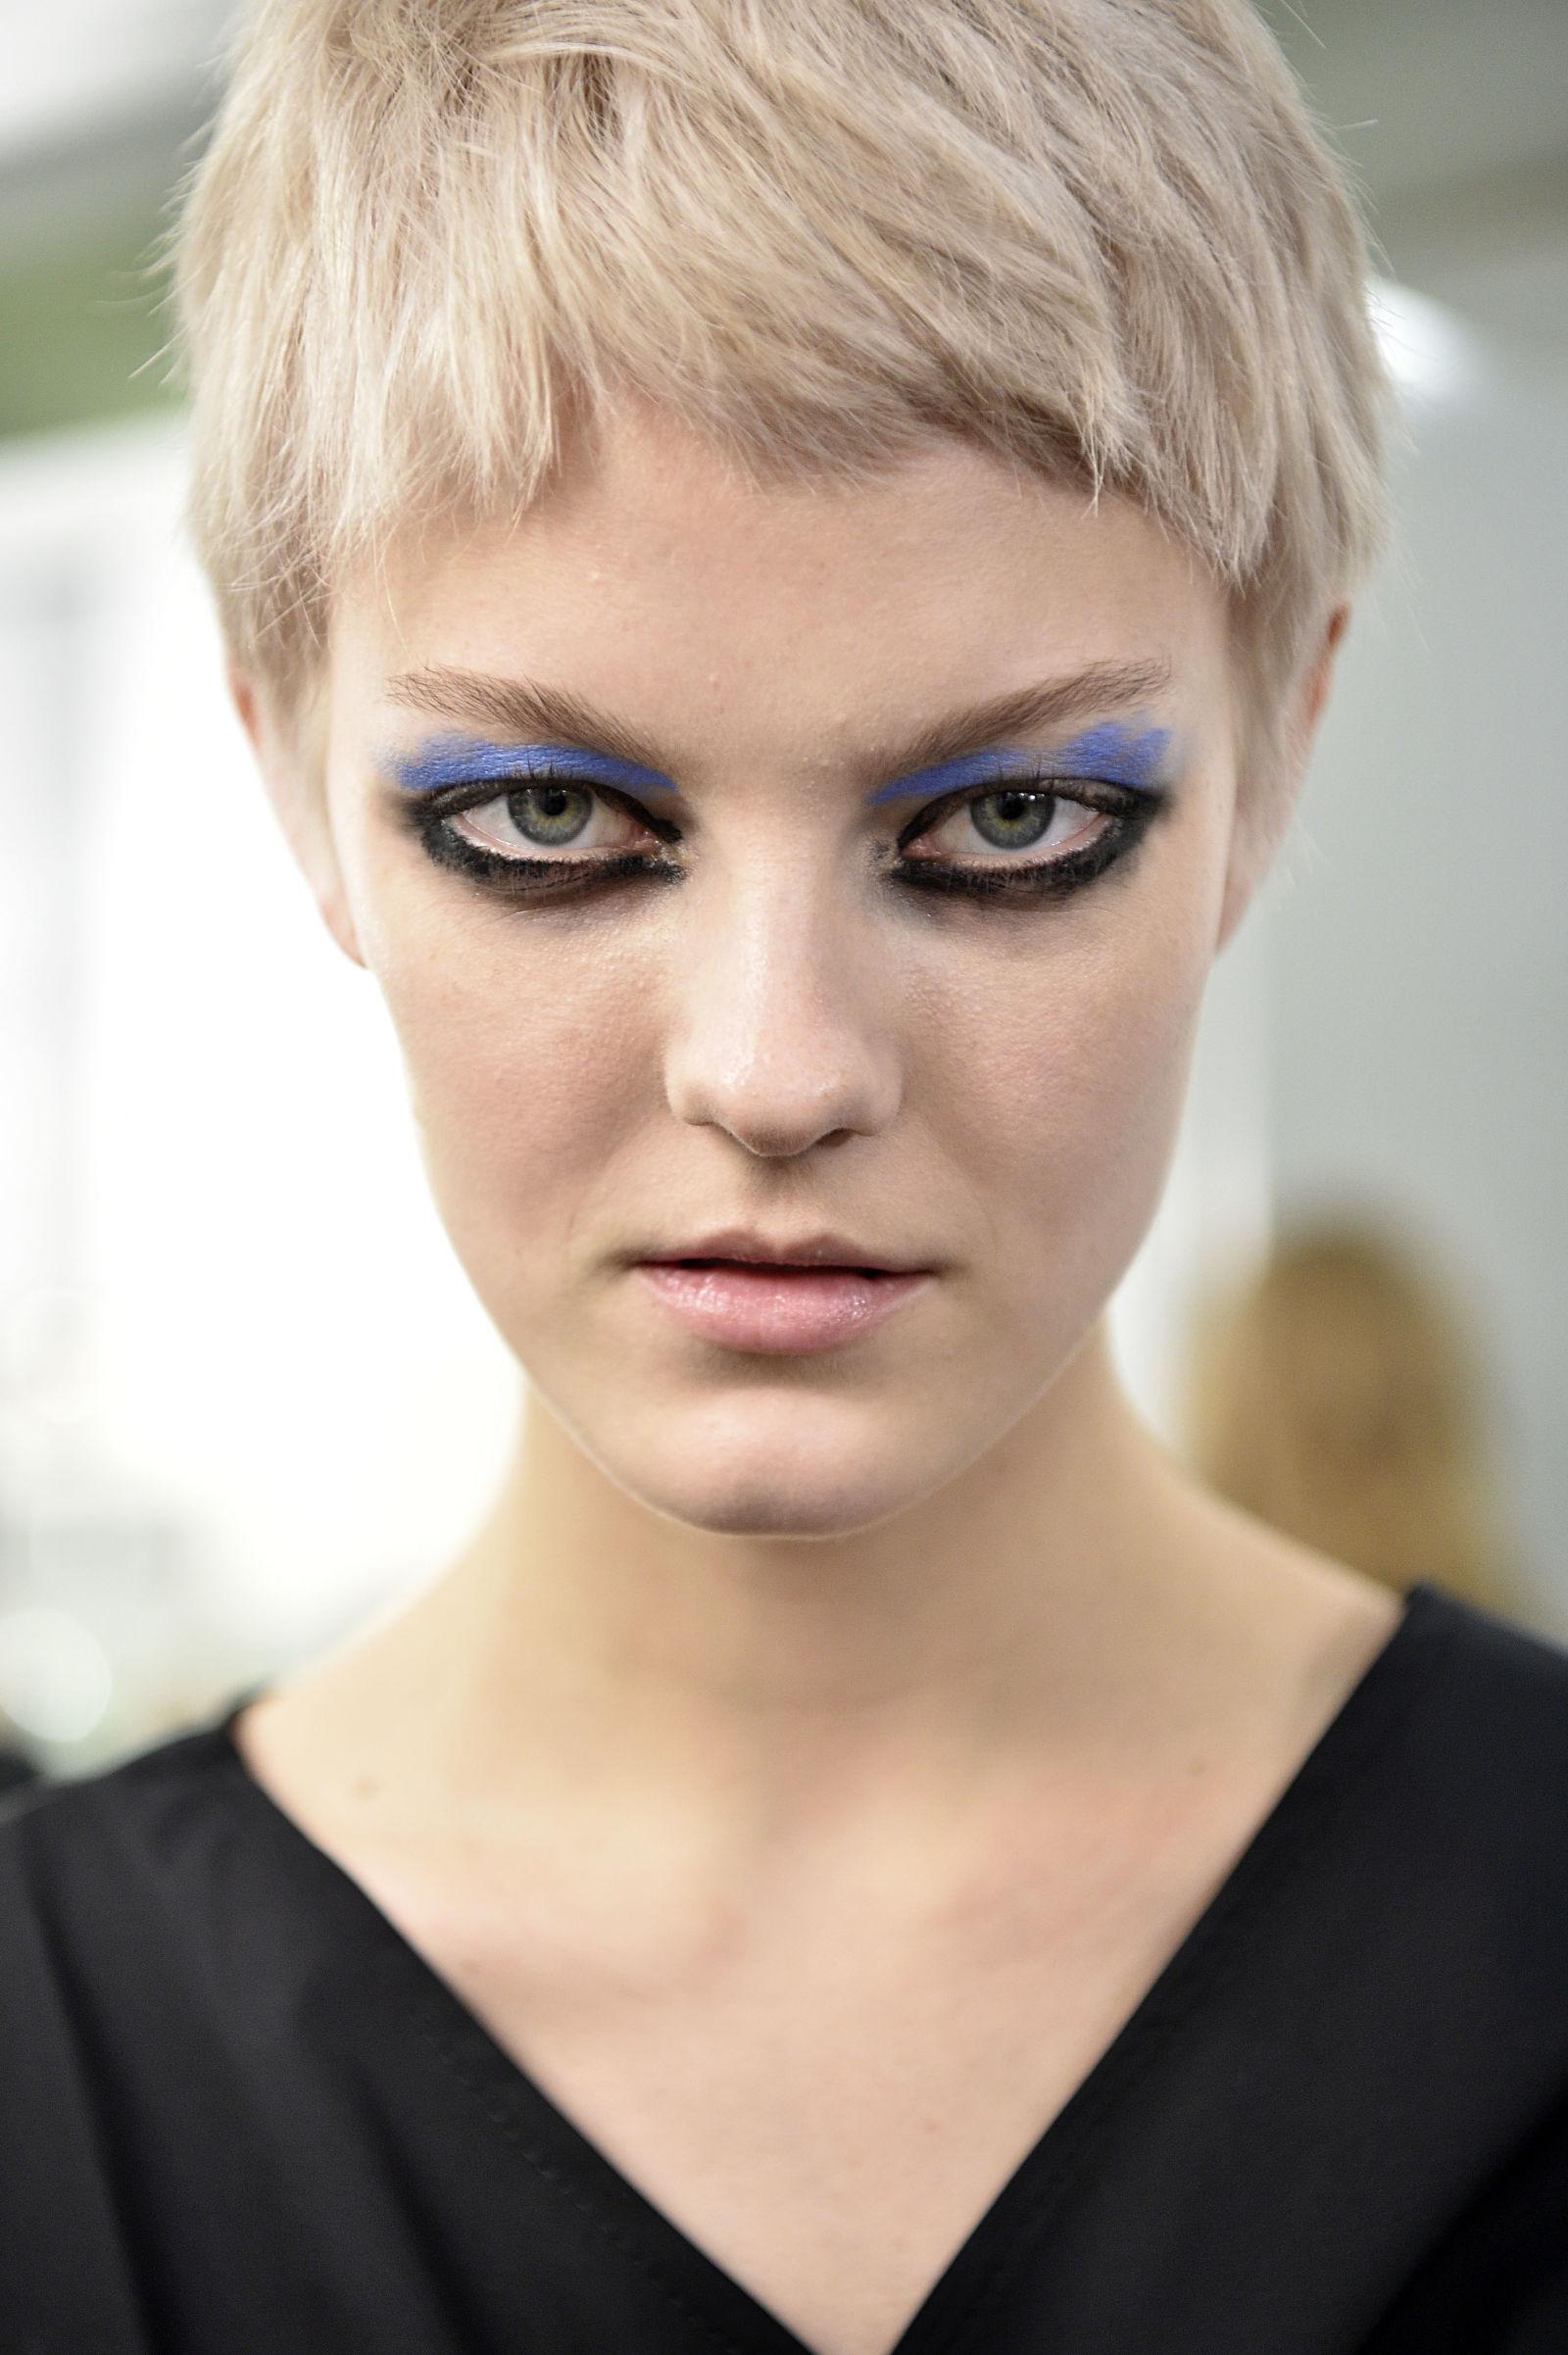 Mặc dù trông rất đáng sợ và ám ảnh nhưng kiểu makeup nhòe nhoẹt được sử dụng trong show diễn của Prada lại là để thể hiện hình ảnh người phụ nữ độc lập, mạnh mẽ và tự do.